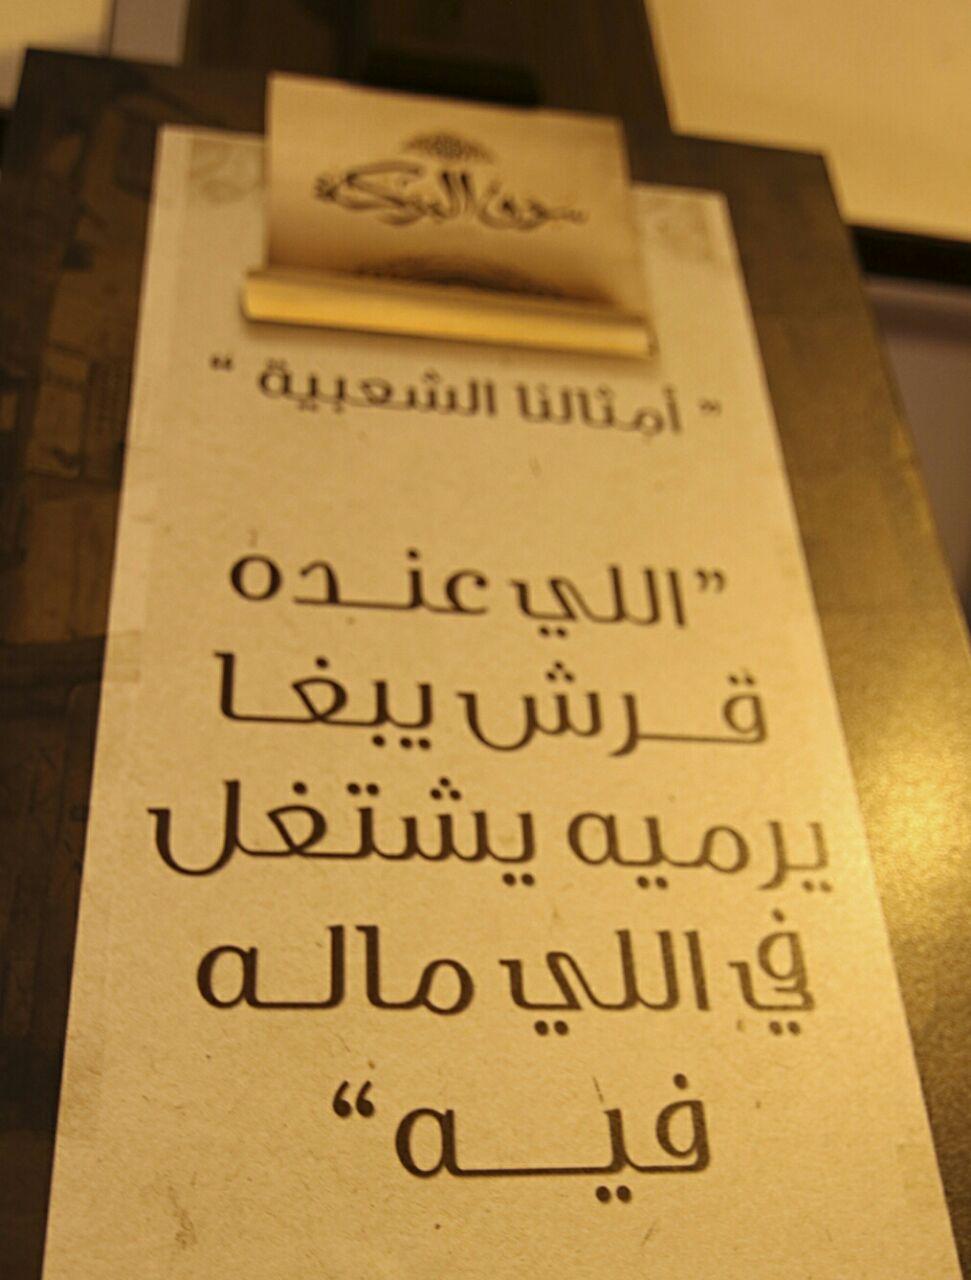 سوق البركة يعزز تراثيات عكاظ بـالأمثال الحجازية (1)